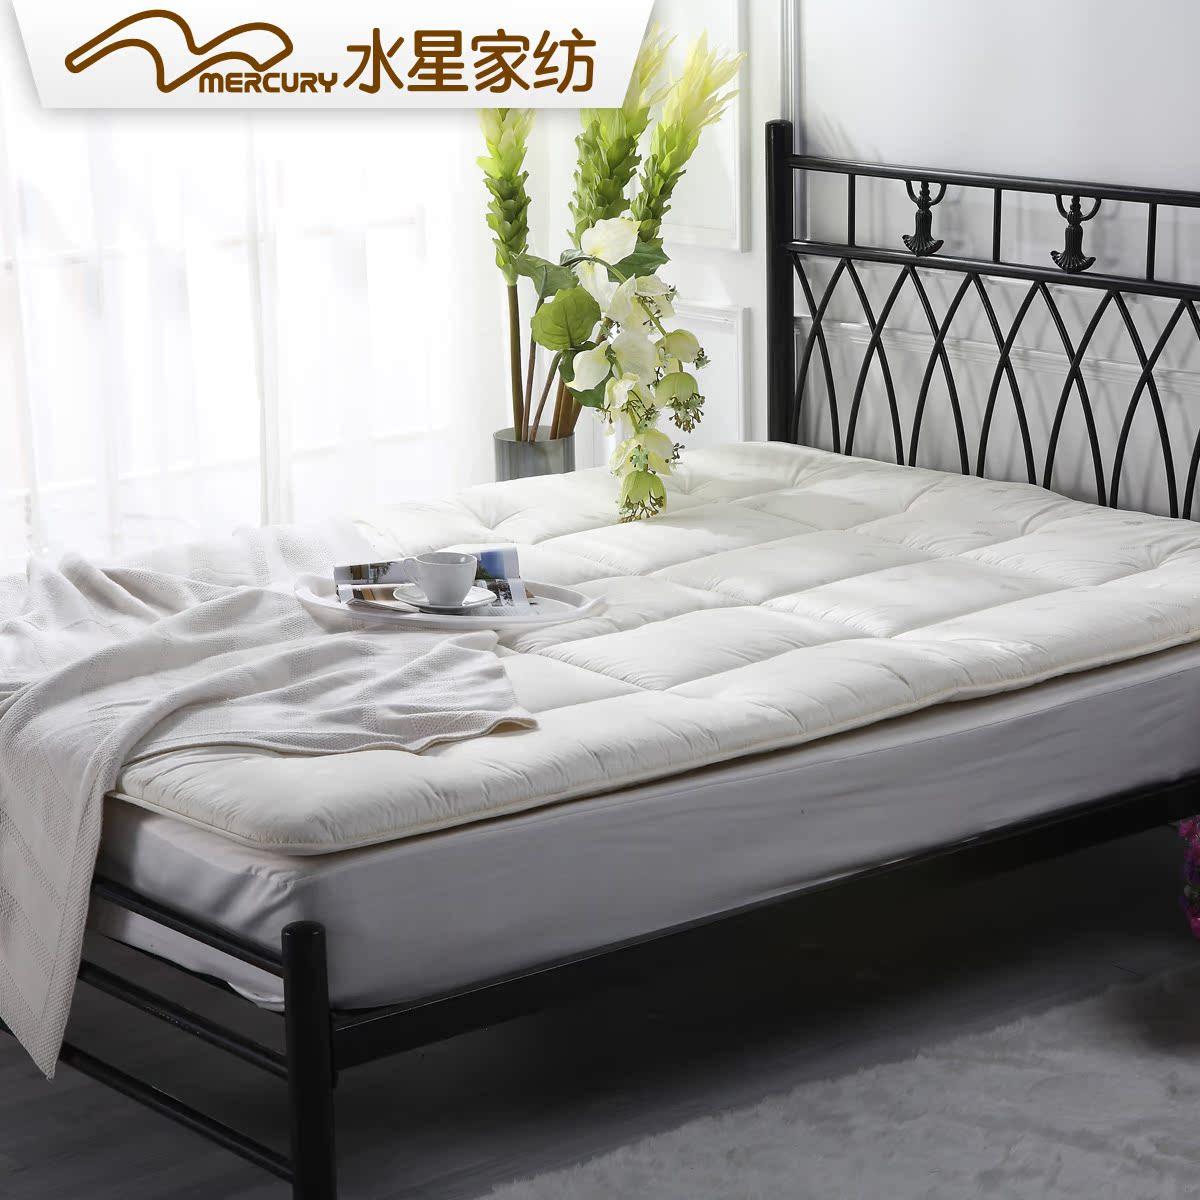 水星家纺 羊毛床垫被软床垫子 双人床褥子 床上用品包邮